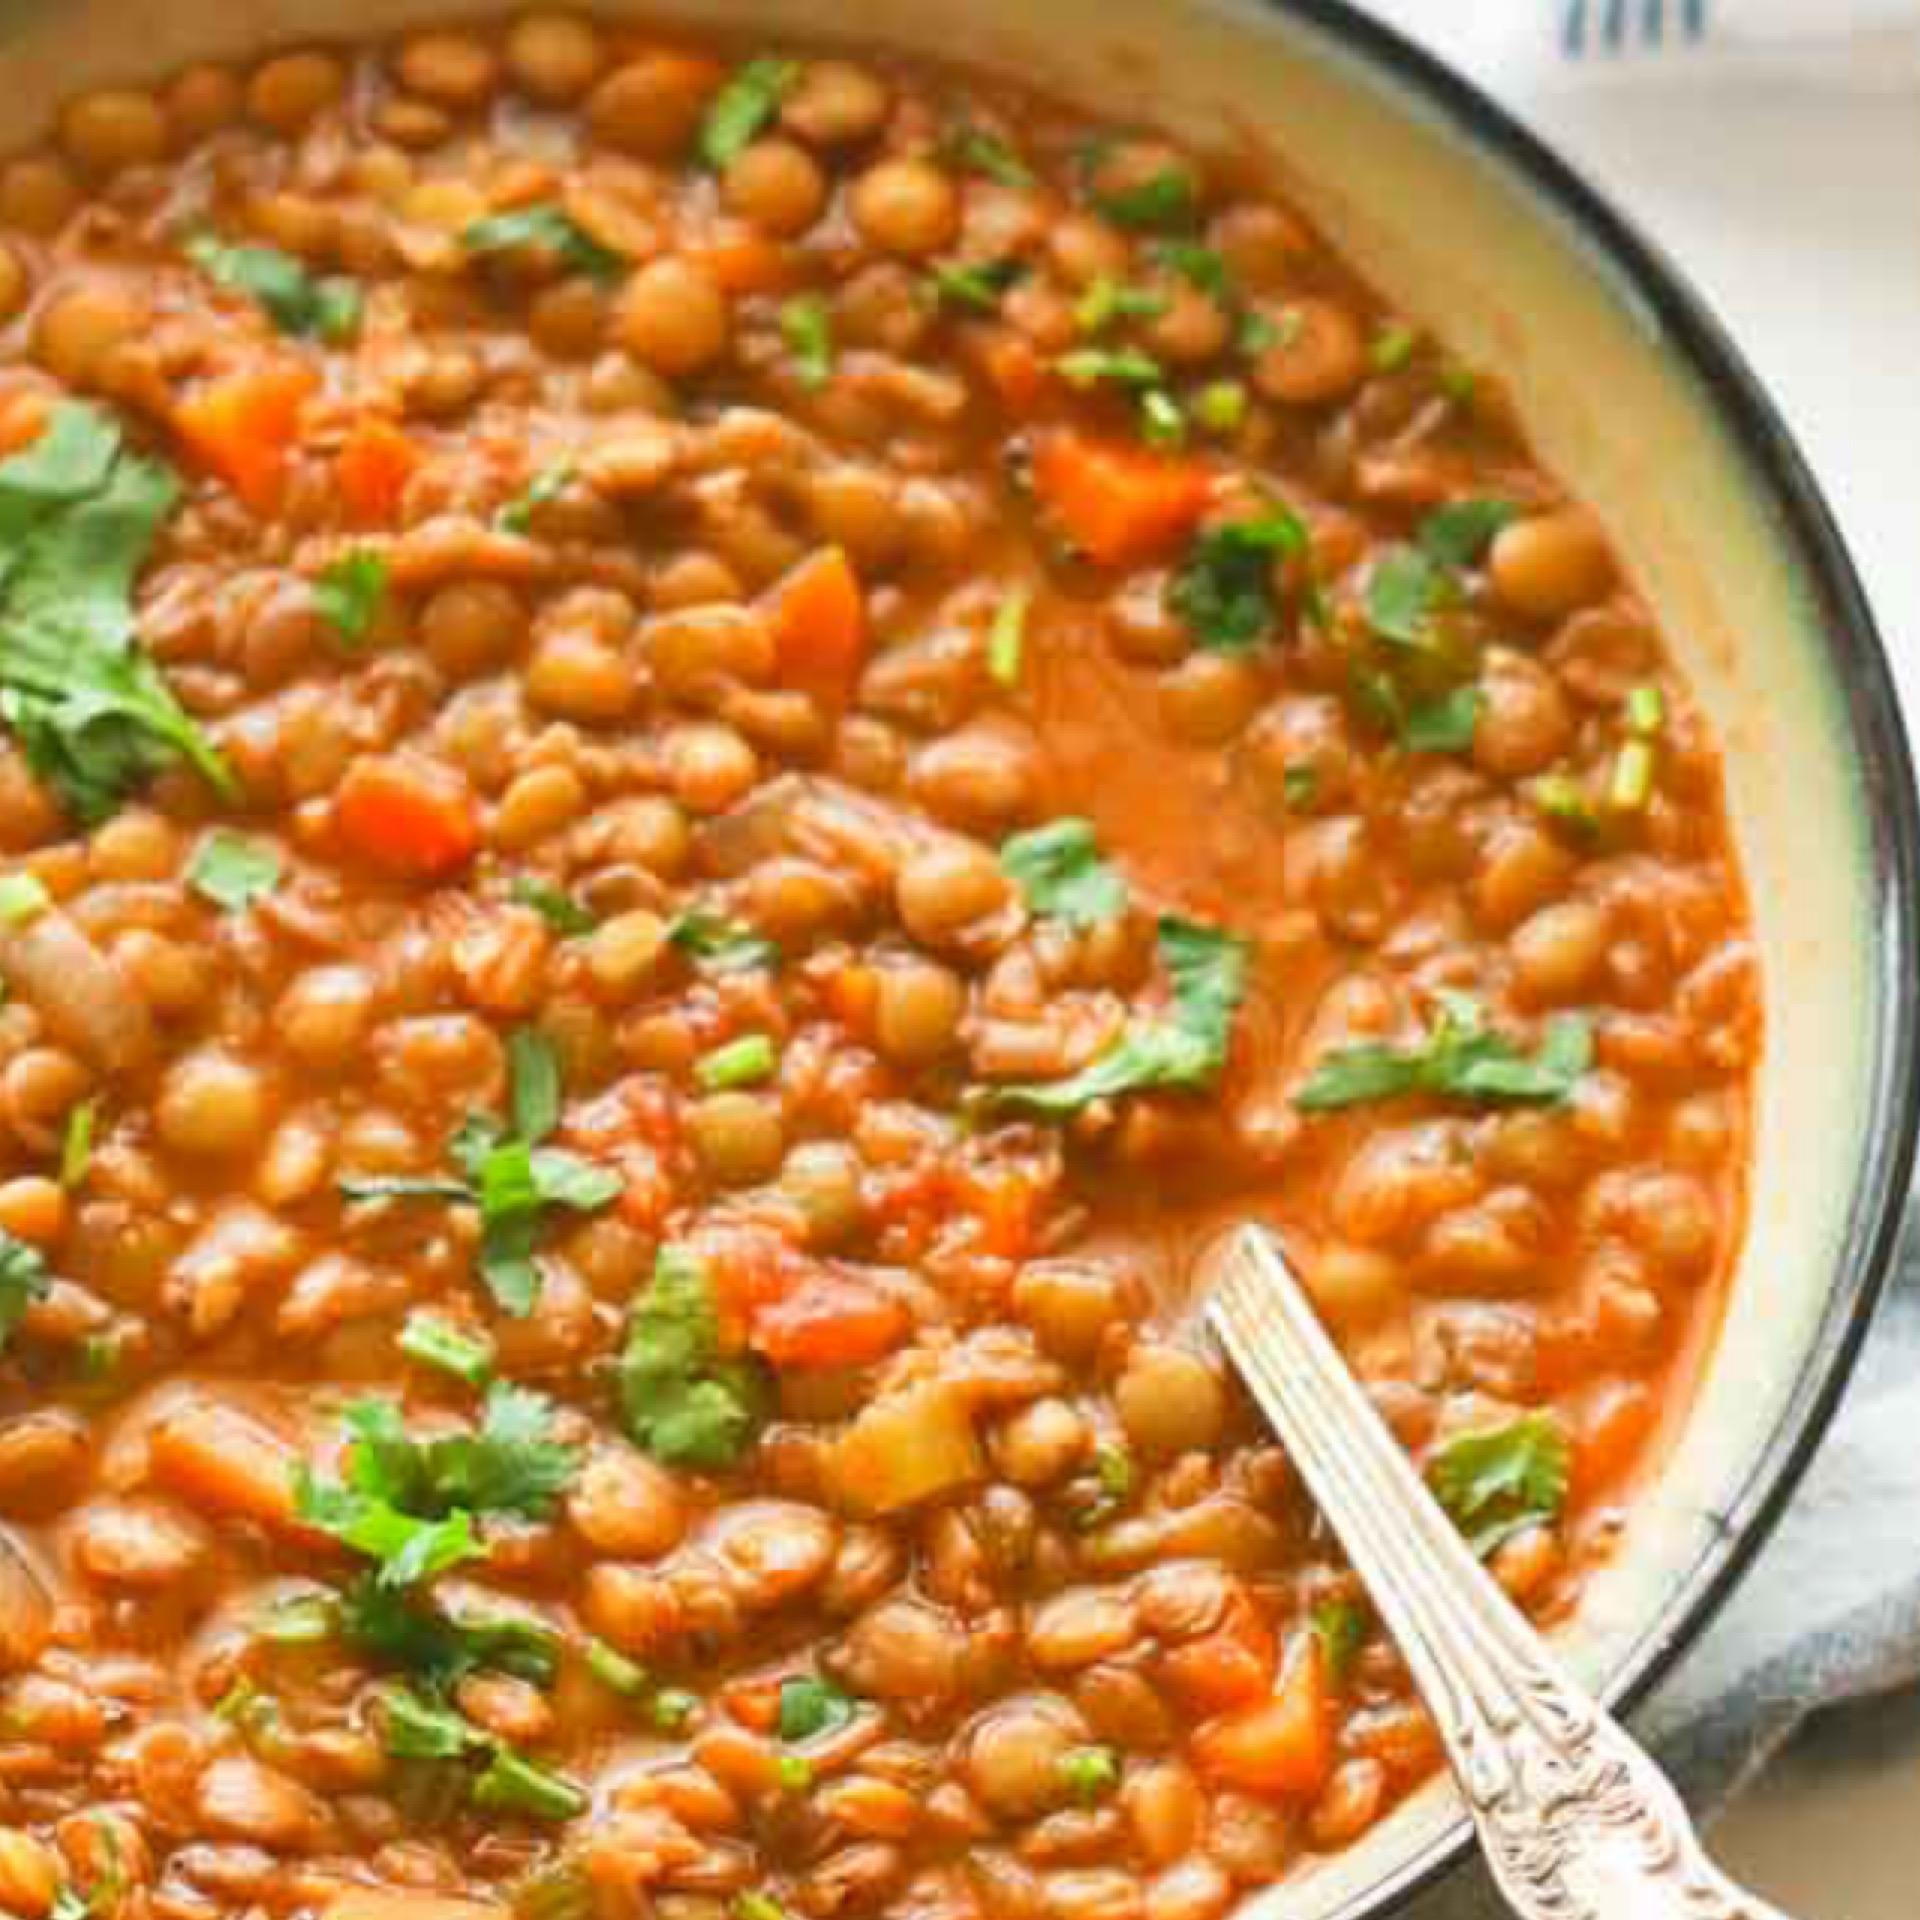 Meals-Now Soup Lentils W Veggies